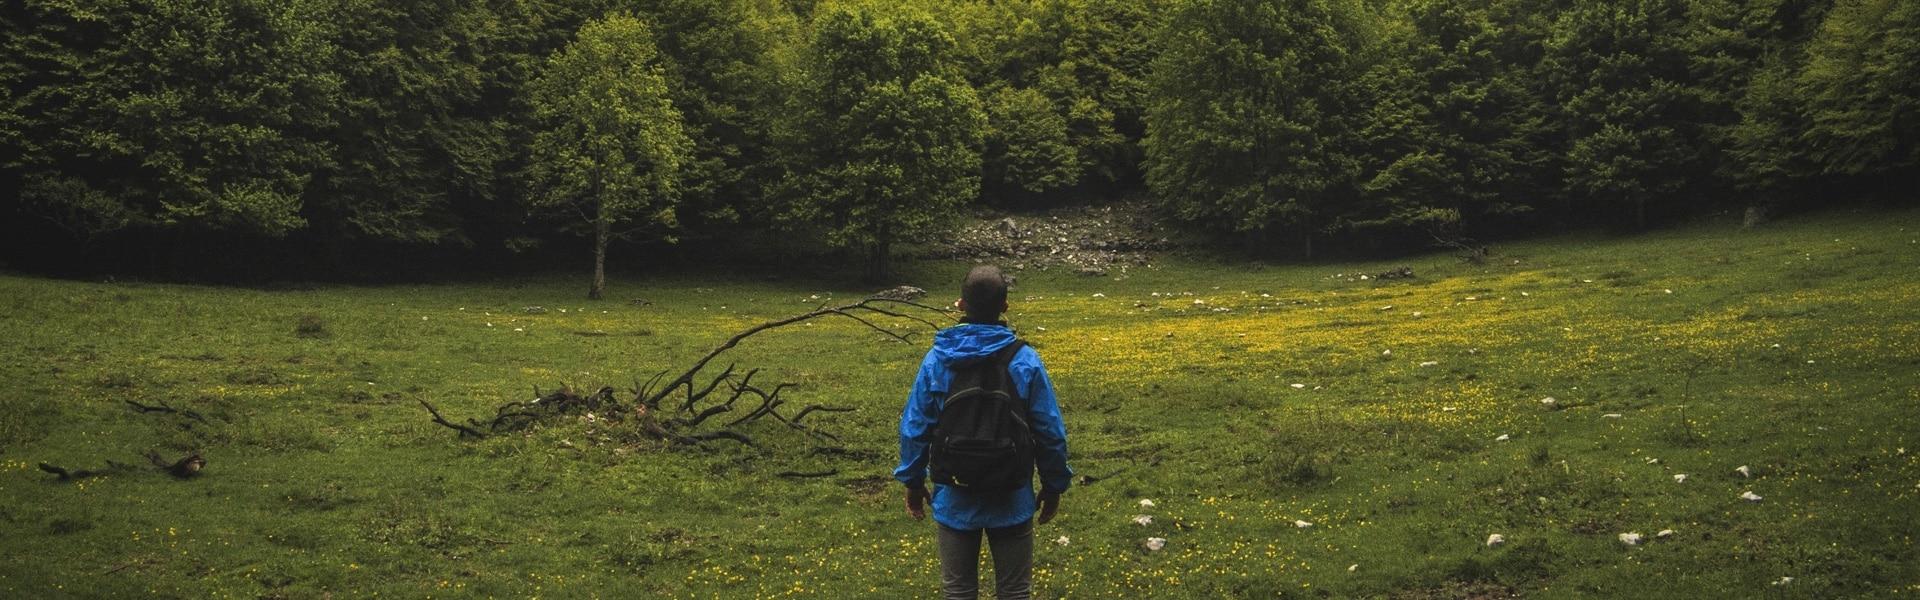 Homme qui se balade en forêt